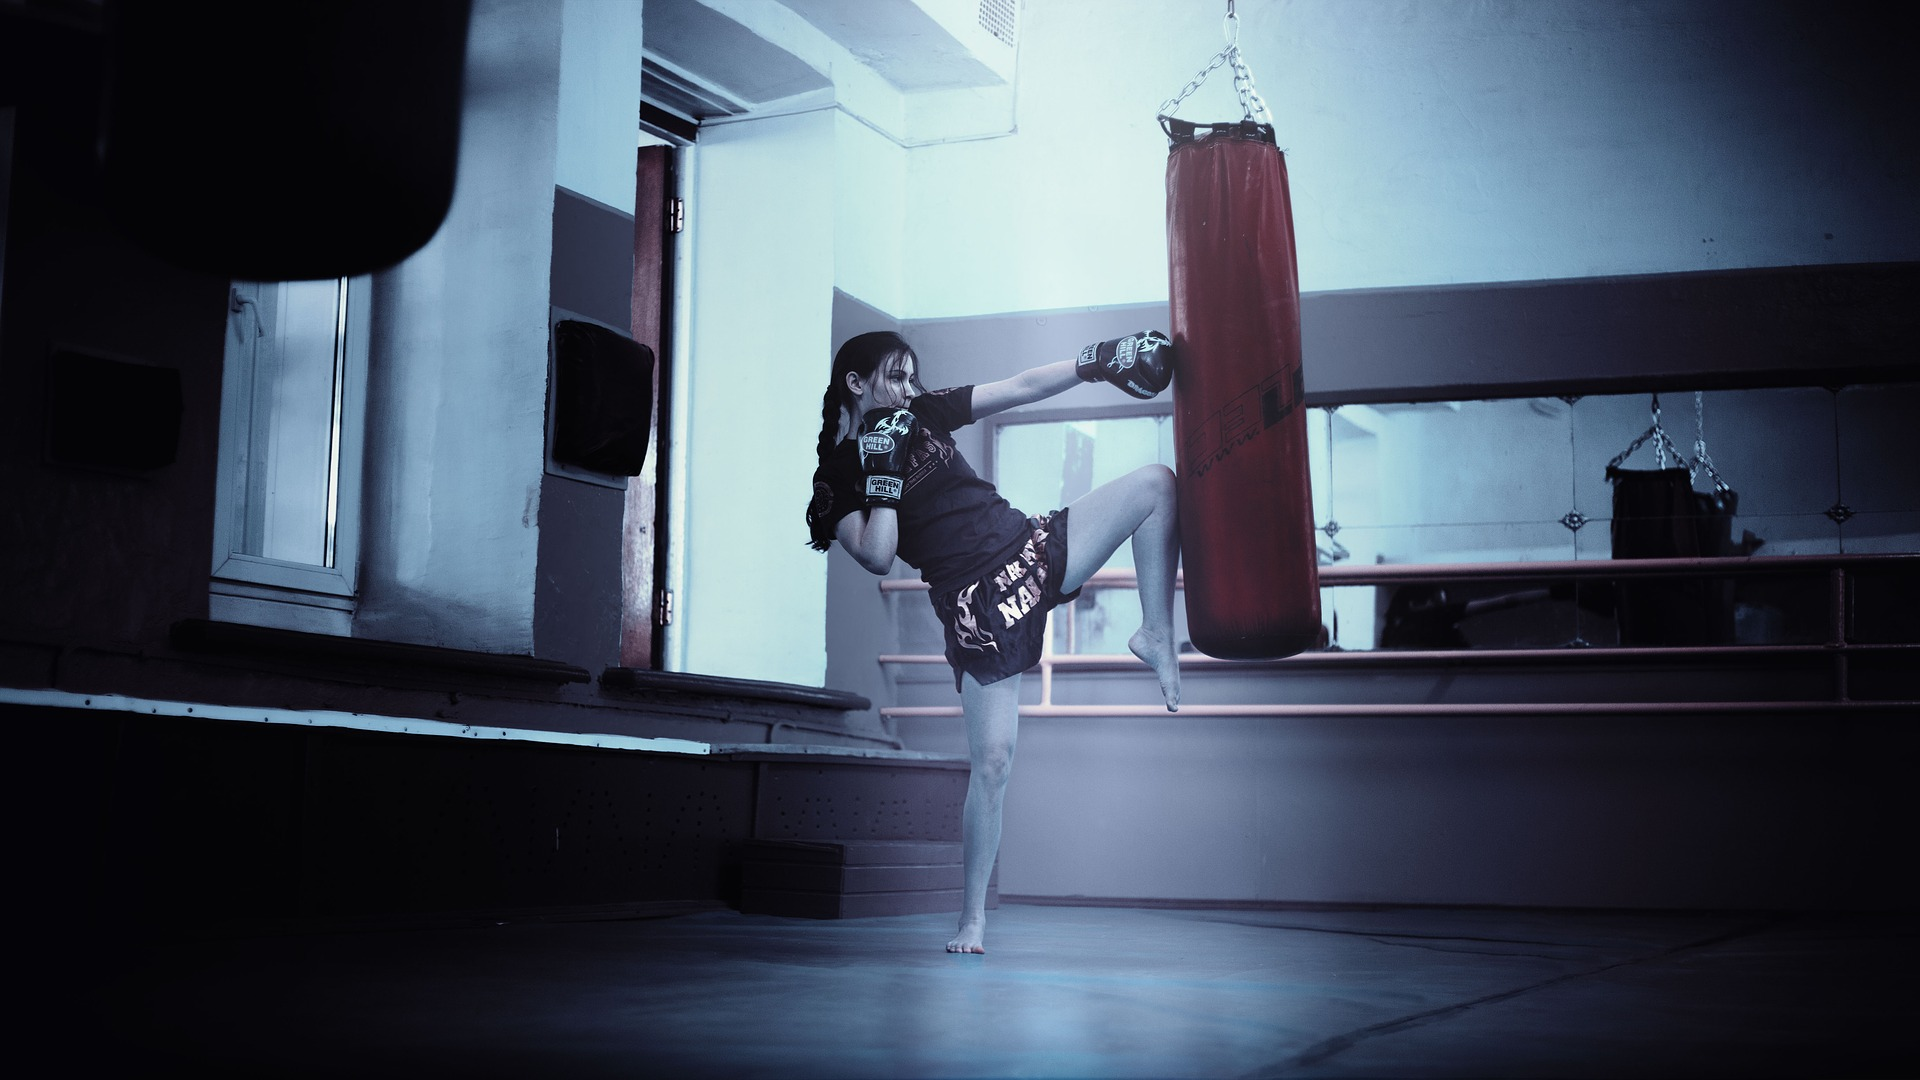 dimagrire facendo boxe